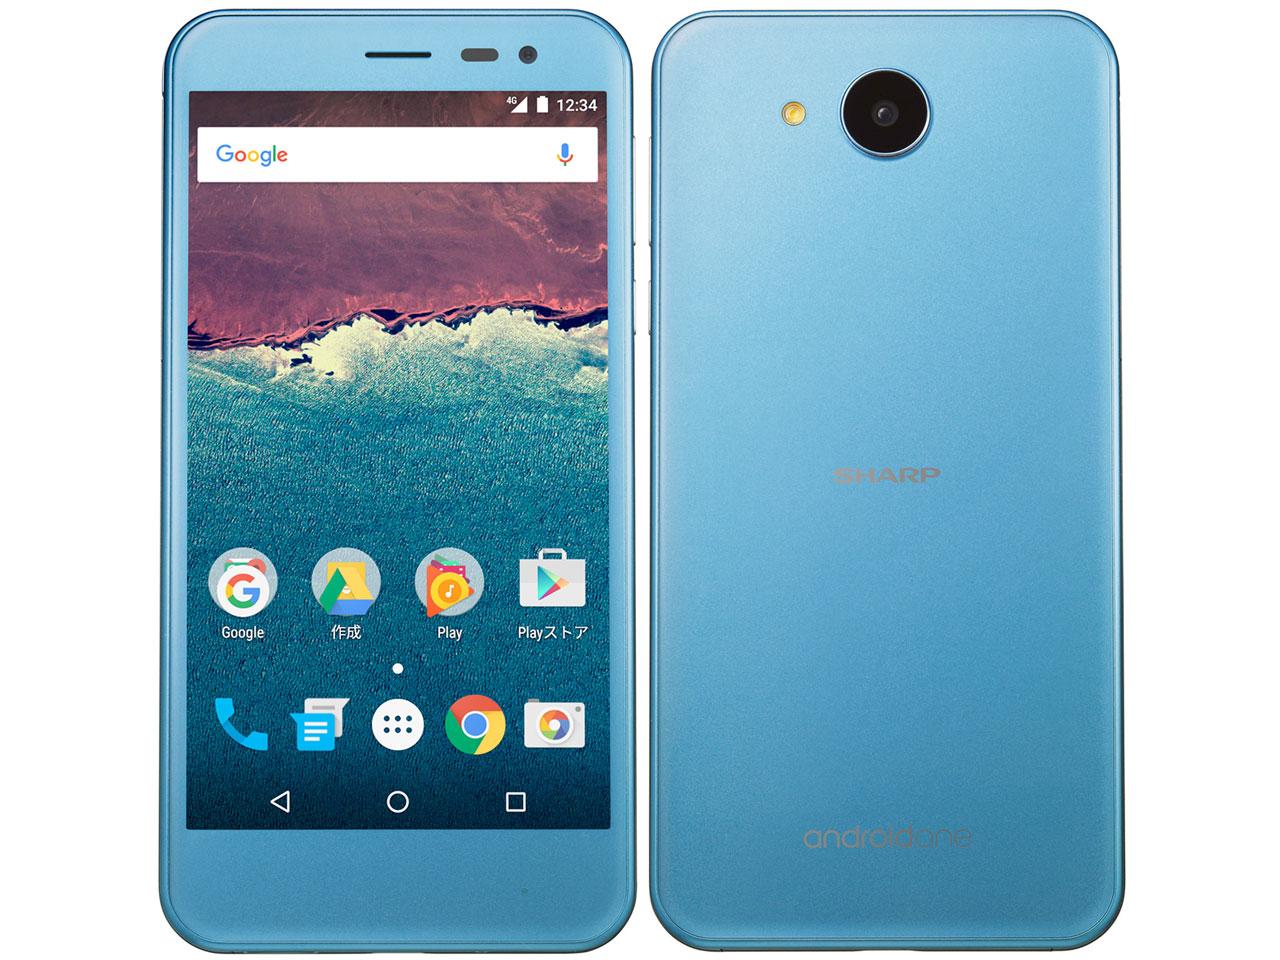 507SH Android One ワイモバイル [スモーキーブルー] の製品画像